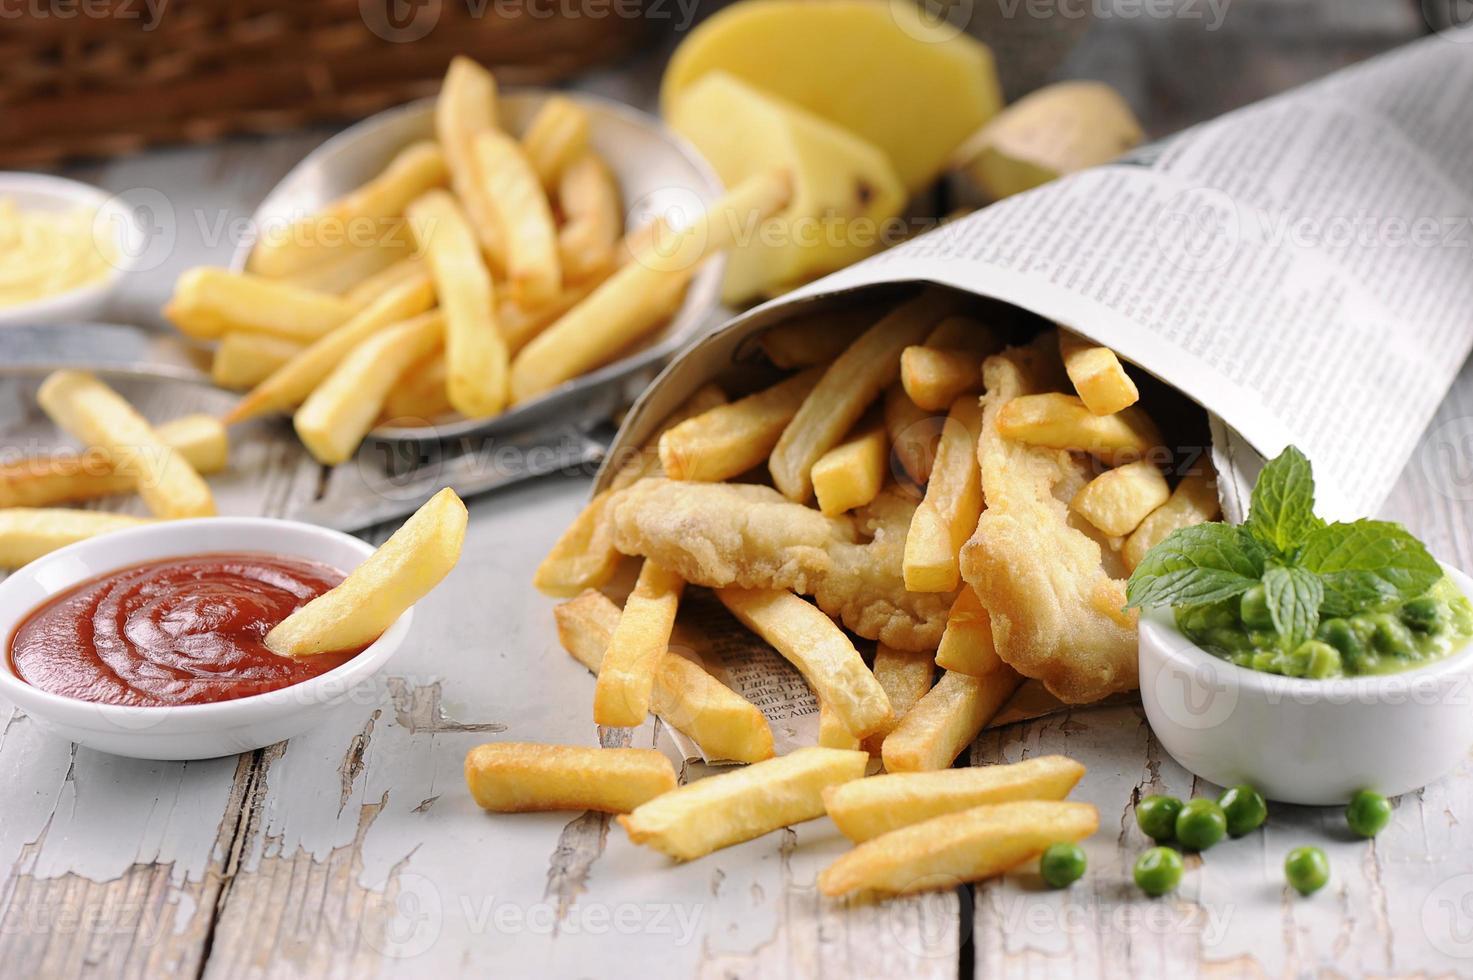 Homemade Fish & Chips photo